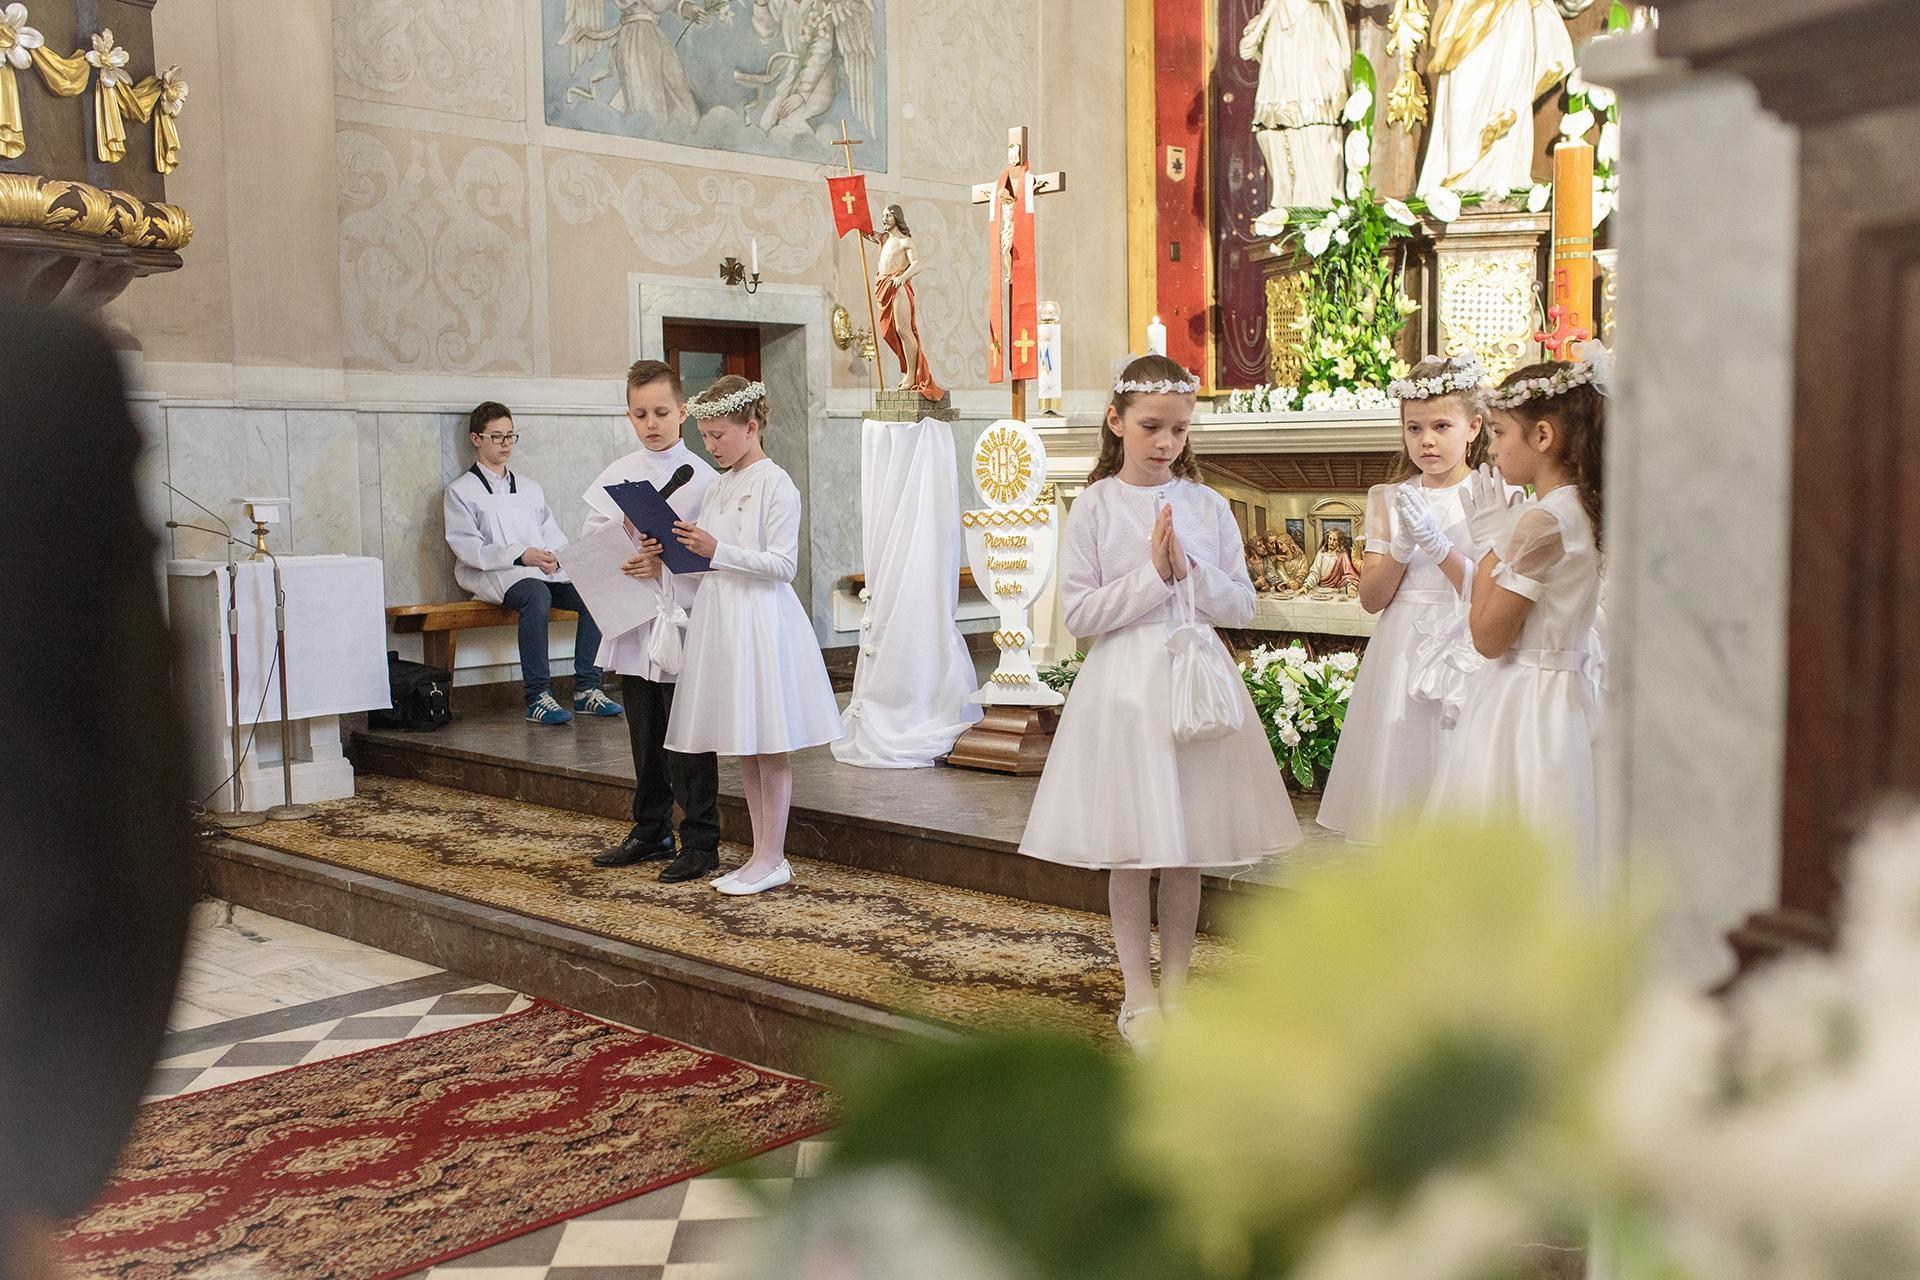 Wniebowzięcia Najświętszej Maryi Panny Pajęczno